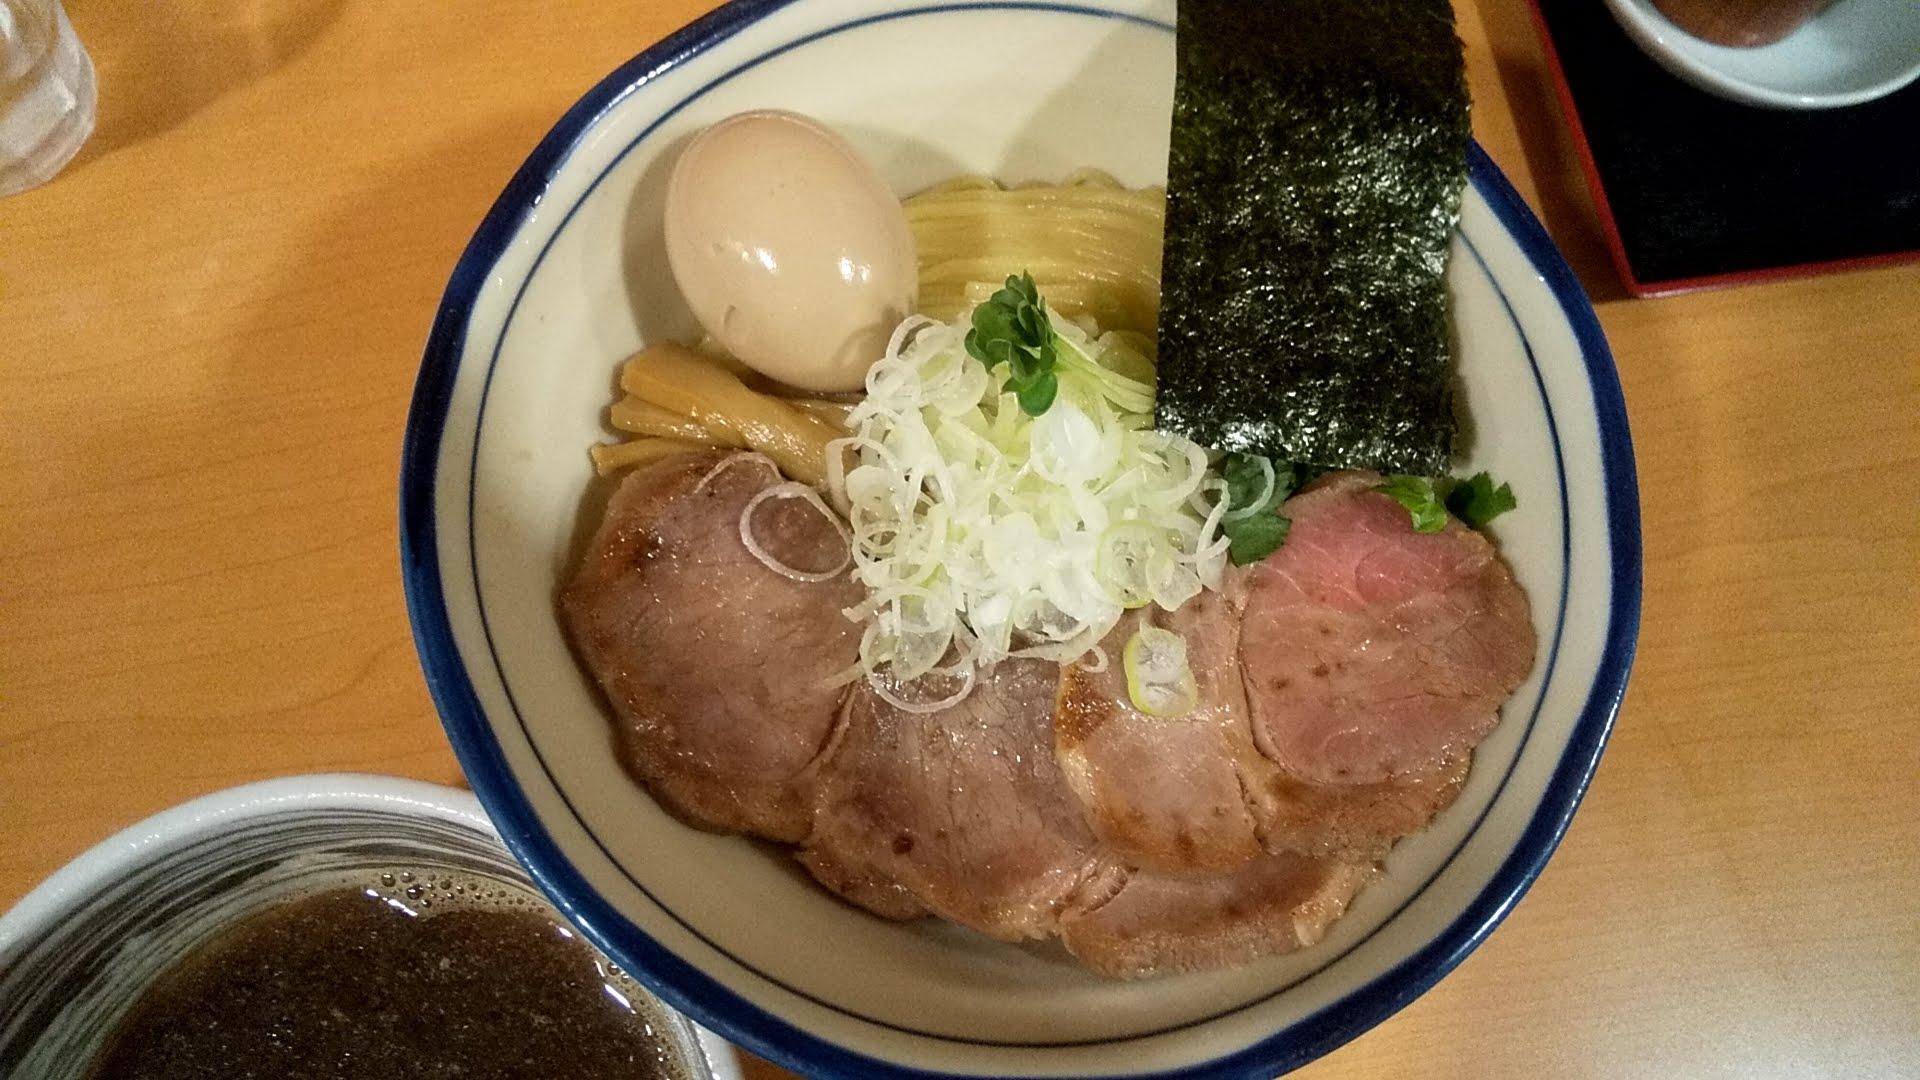 麺処富士松の特製つけ麺+チャーシュー2枚トッピングの麺皿の写真